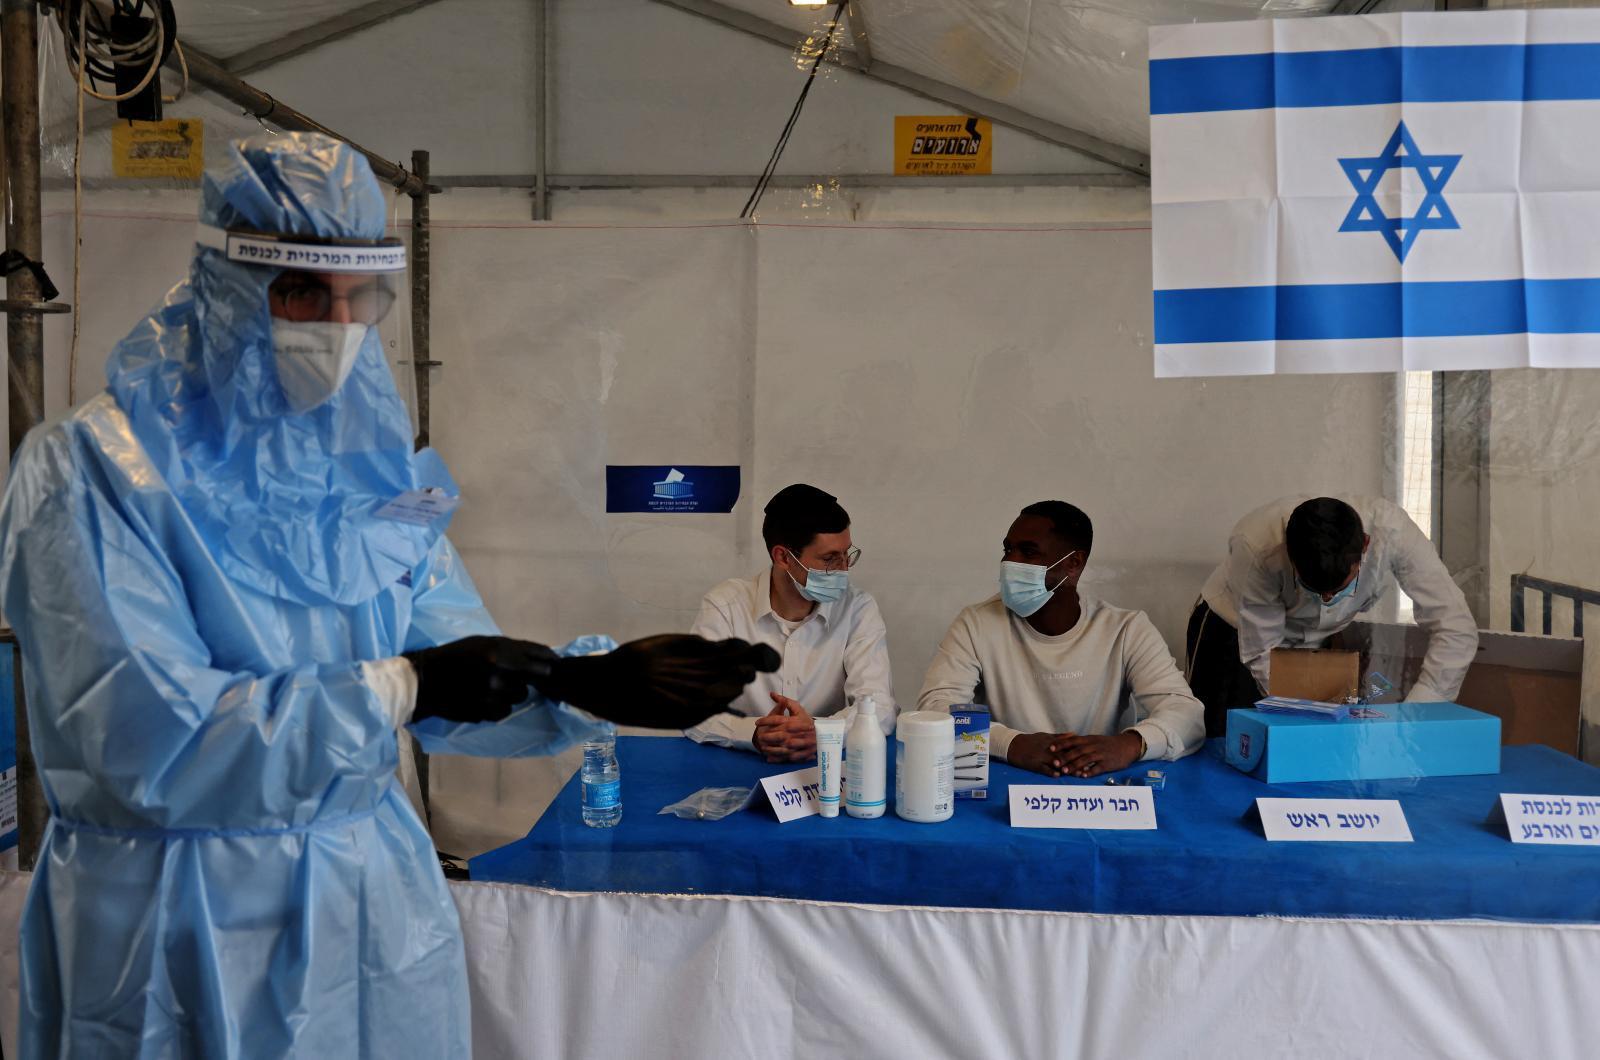 """เจาะแผนอิสราเอล """"เลิกสวมหน้ากากอนามัย"""" หลังฉีดวัคซีนโควิดประสบความสำเร็จ"""